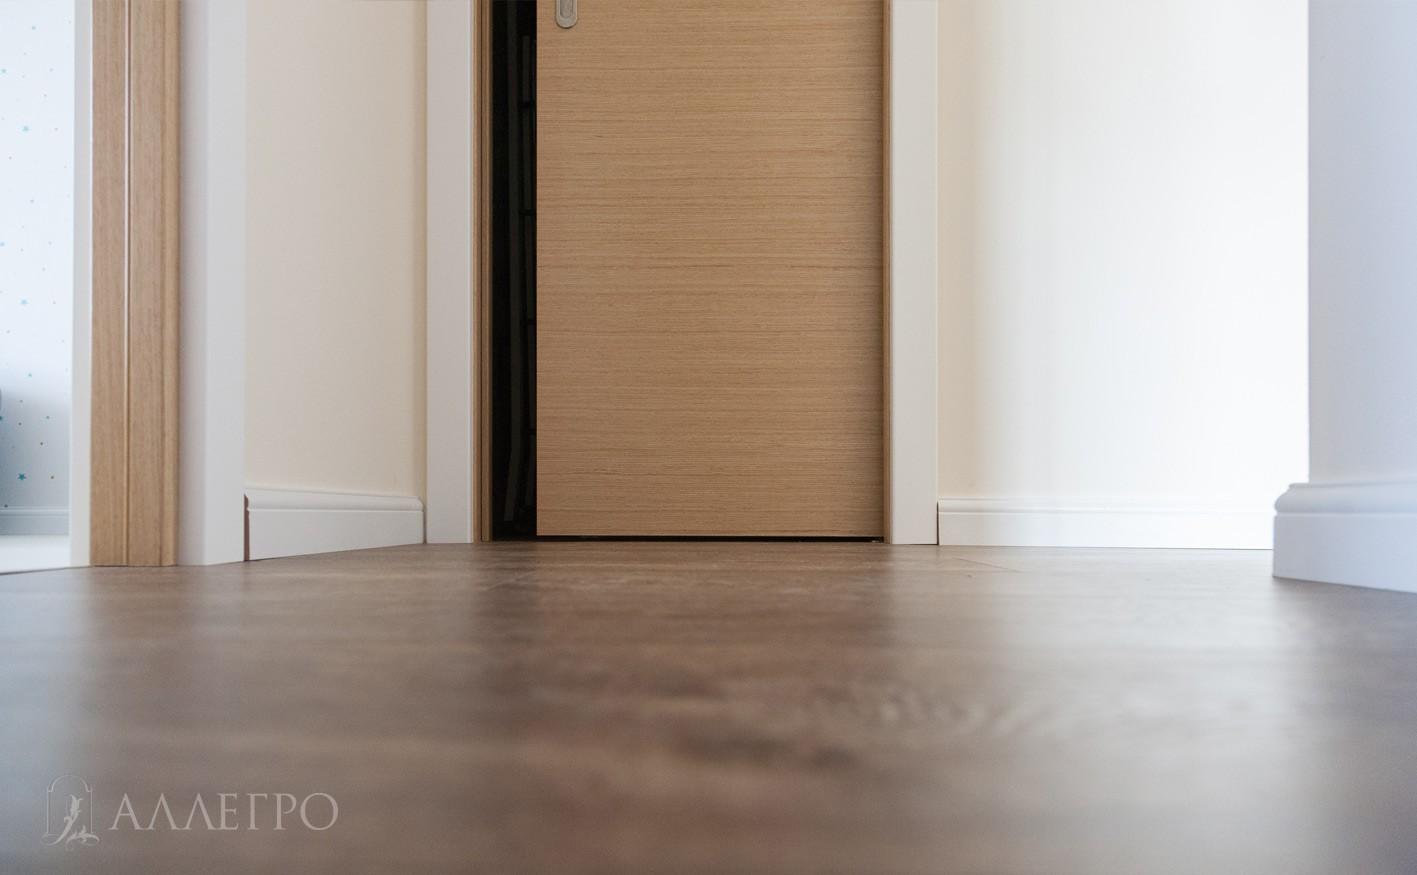 Нижняя часть раздвижной двери пенал